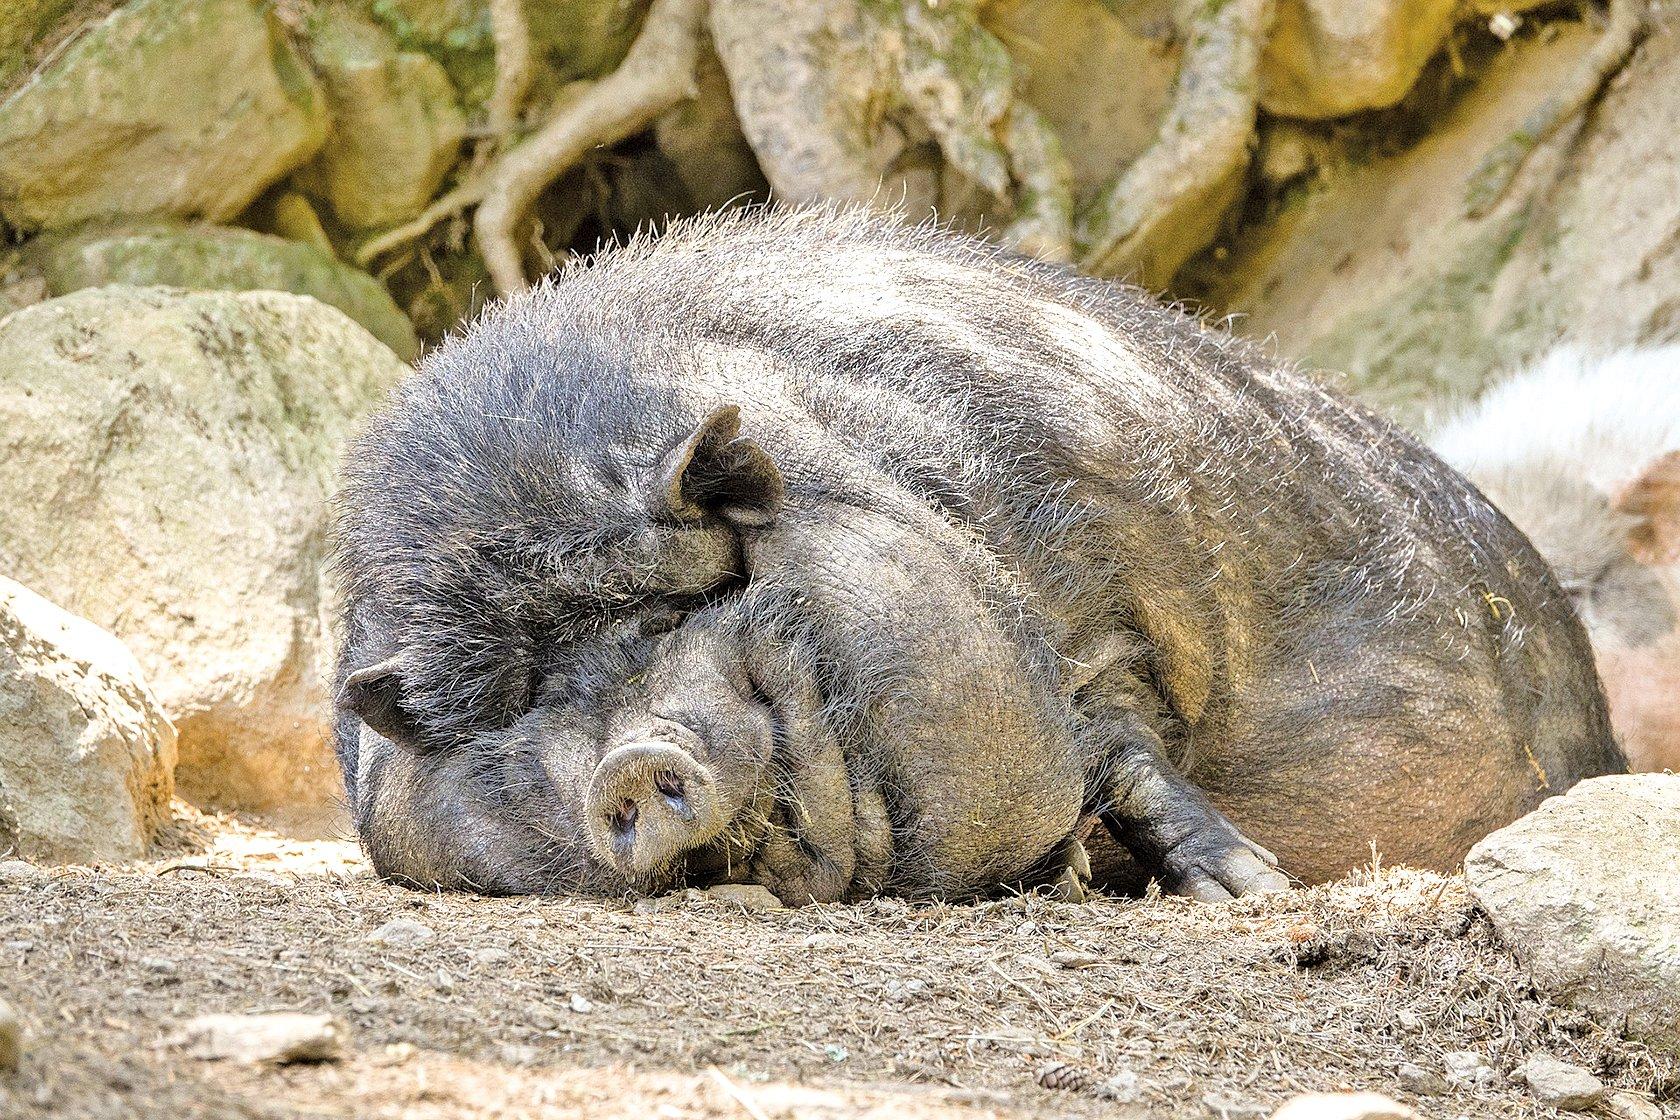 江洋大盜由於殺人造業太重應該轉世為豬,任人宰殺以還殺生之業。示意圖。 (pixabay)